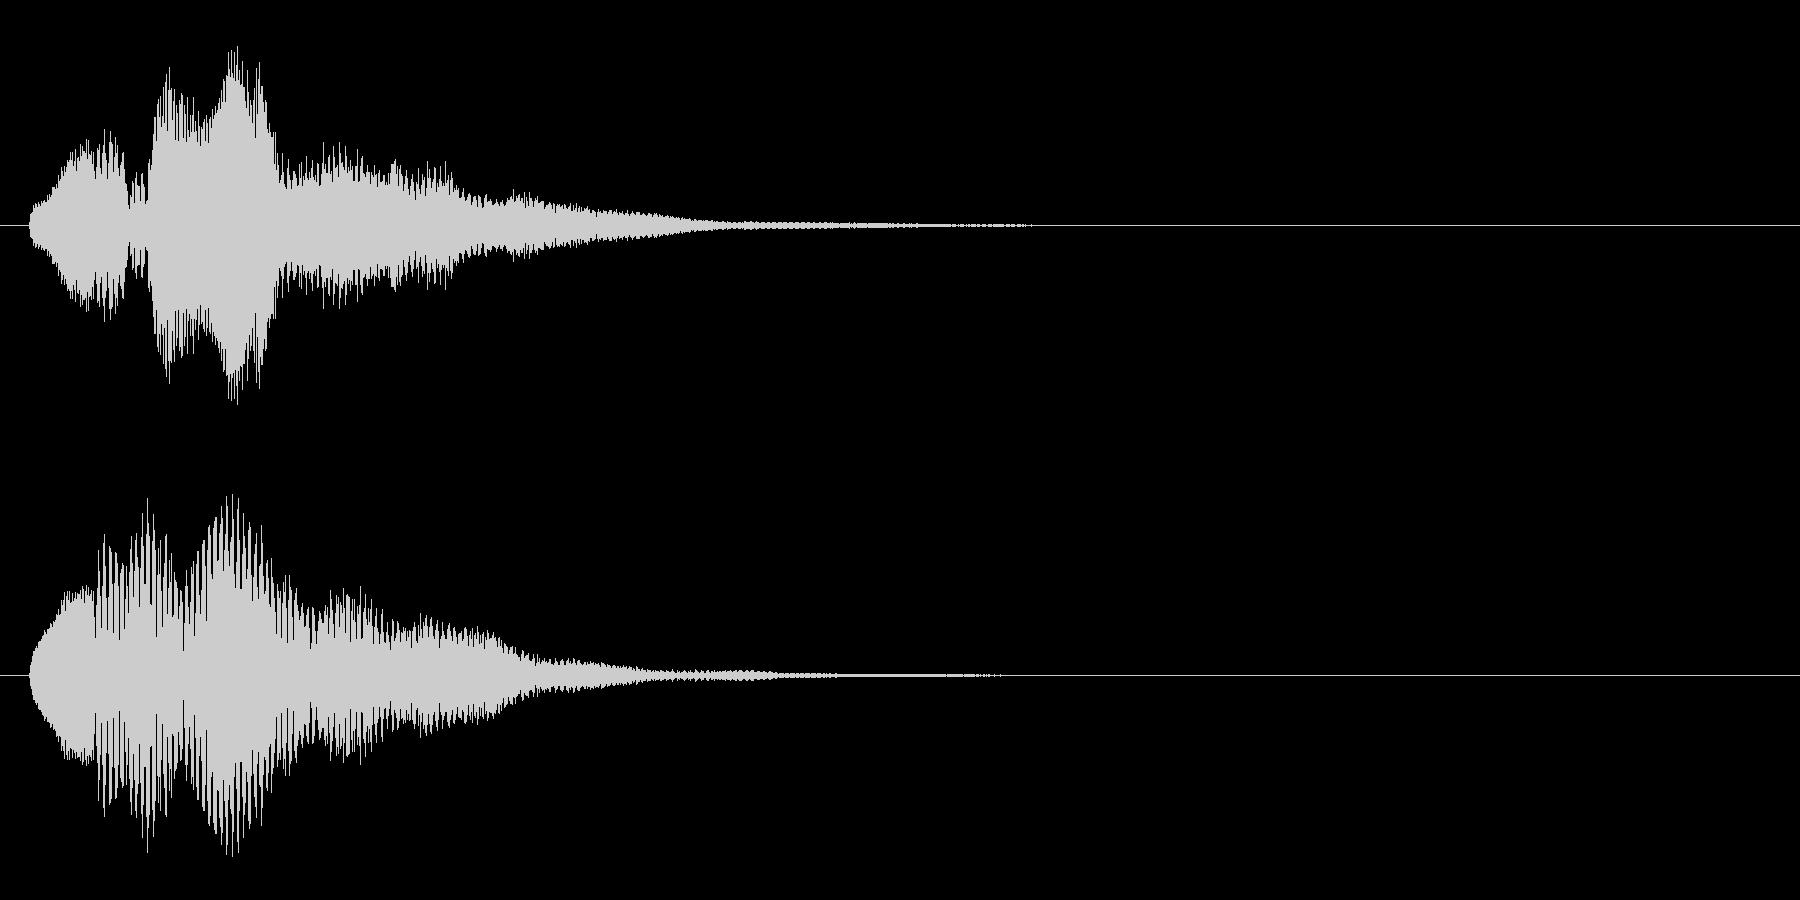 ハープ・上昇_5-2の未再生の波形